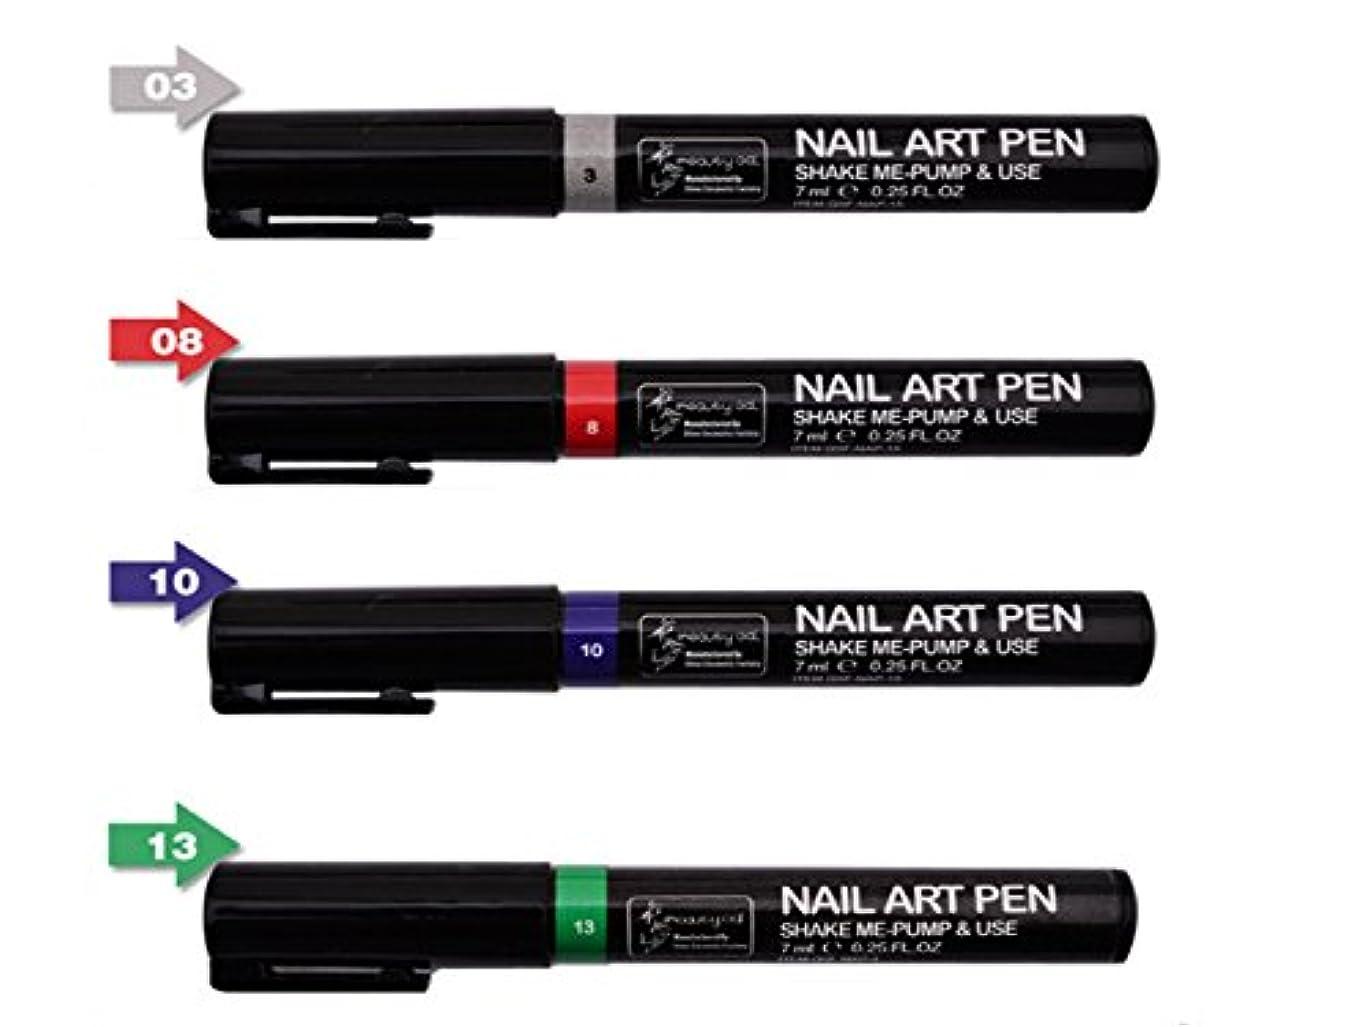 大事にするマニア指ネイルアートツール3DペイントペンスタイリングドットペンシルネイルブラシDIYマニキュアペンネイルペイントペン (組み合わせ2)